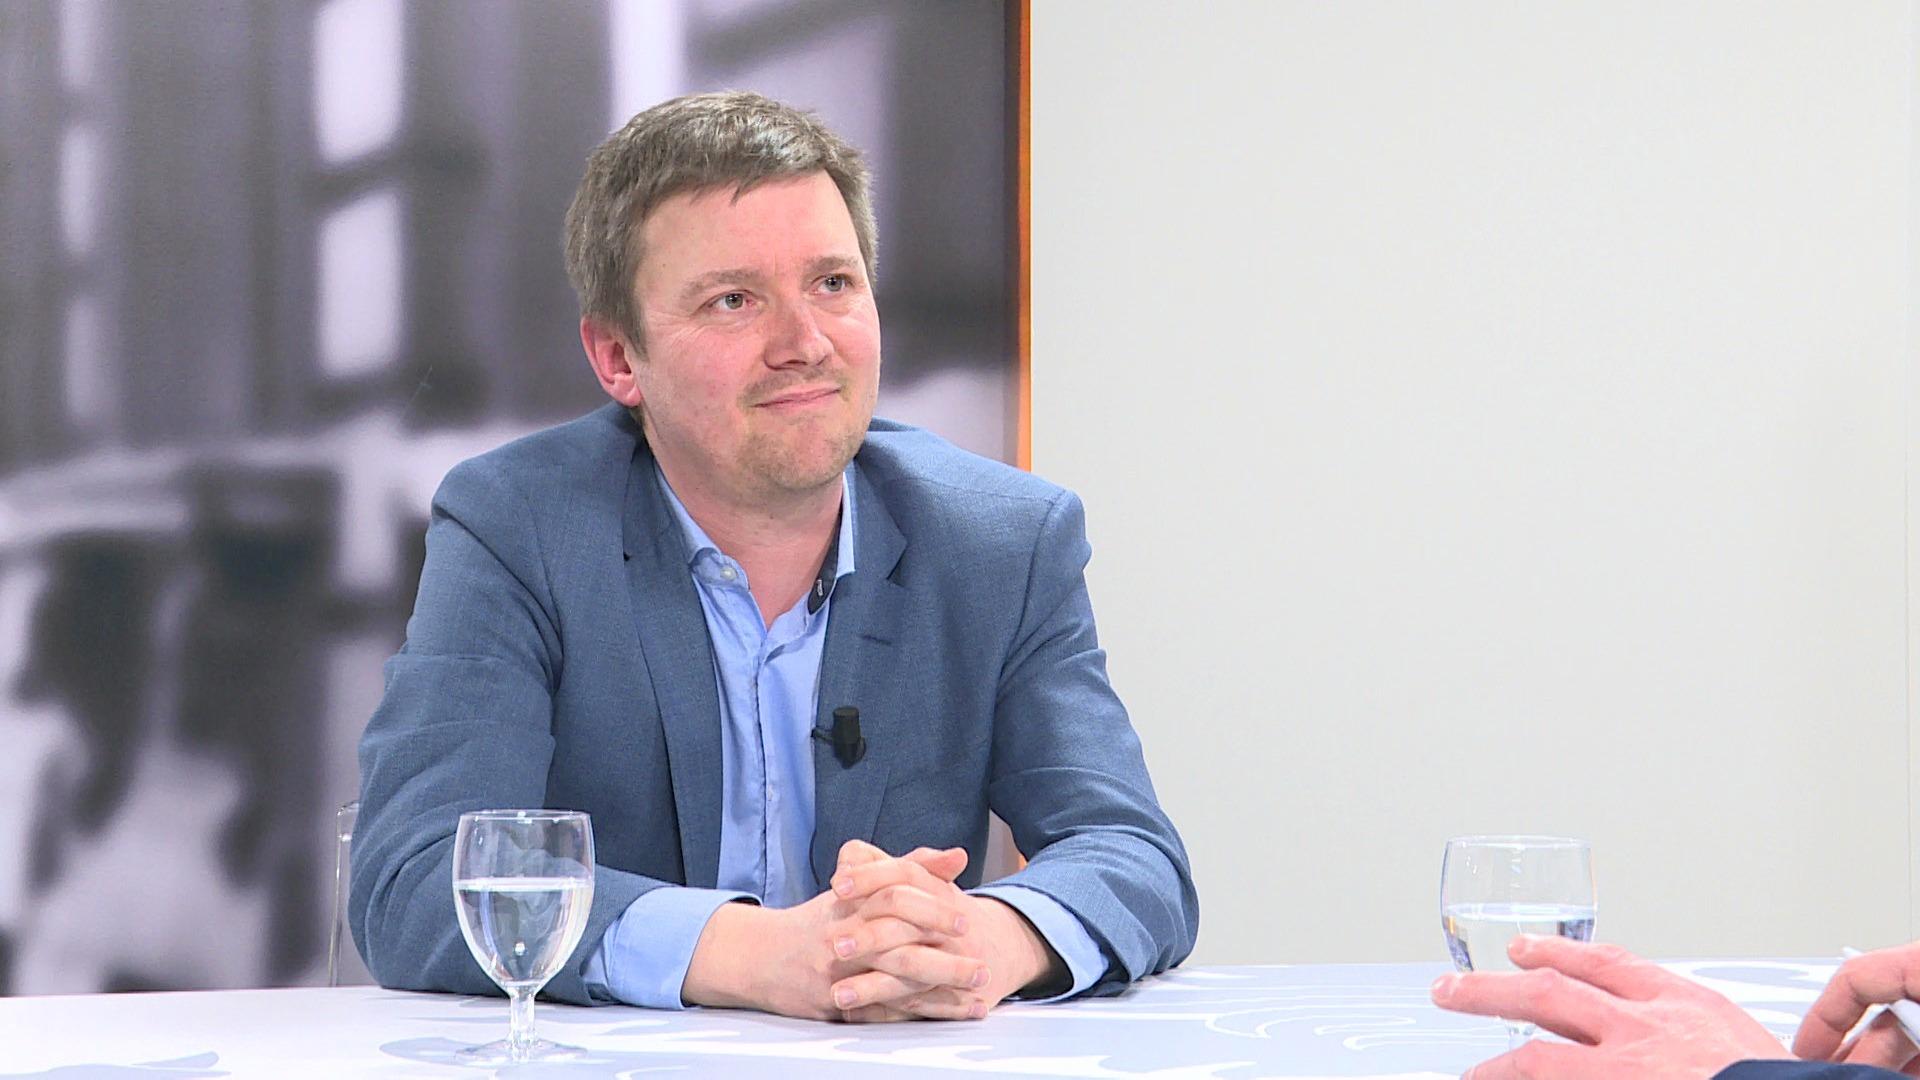 Studio Vlaams Parlement: Hermes Sanctorum over de effecten van vleesproductie op het milieu